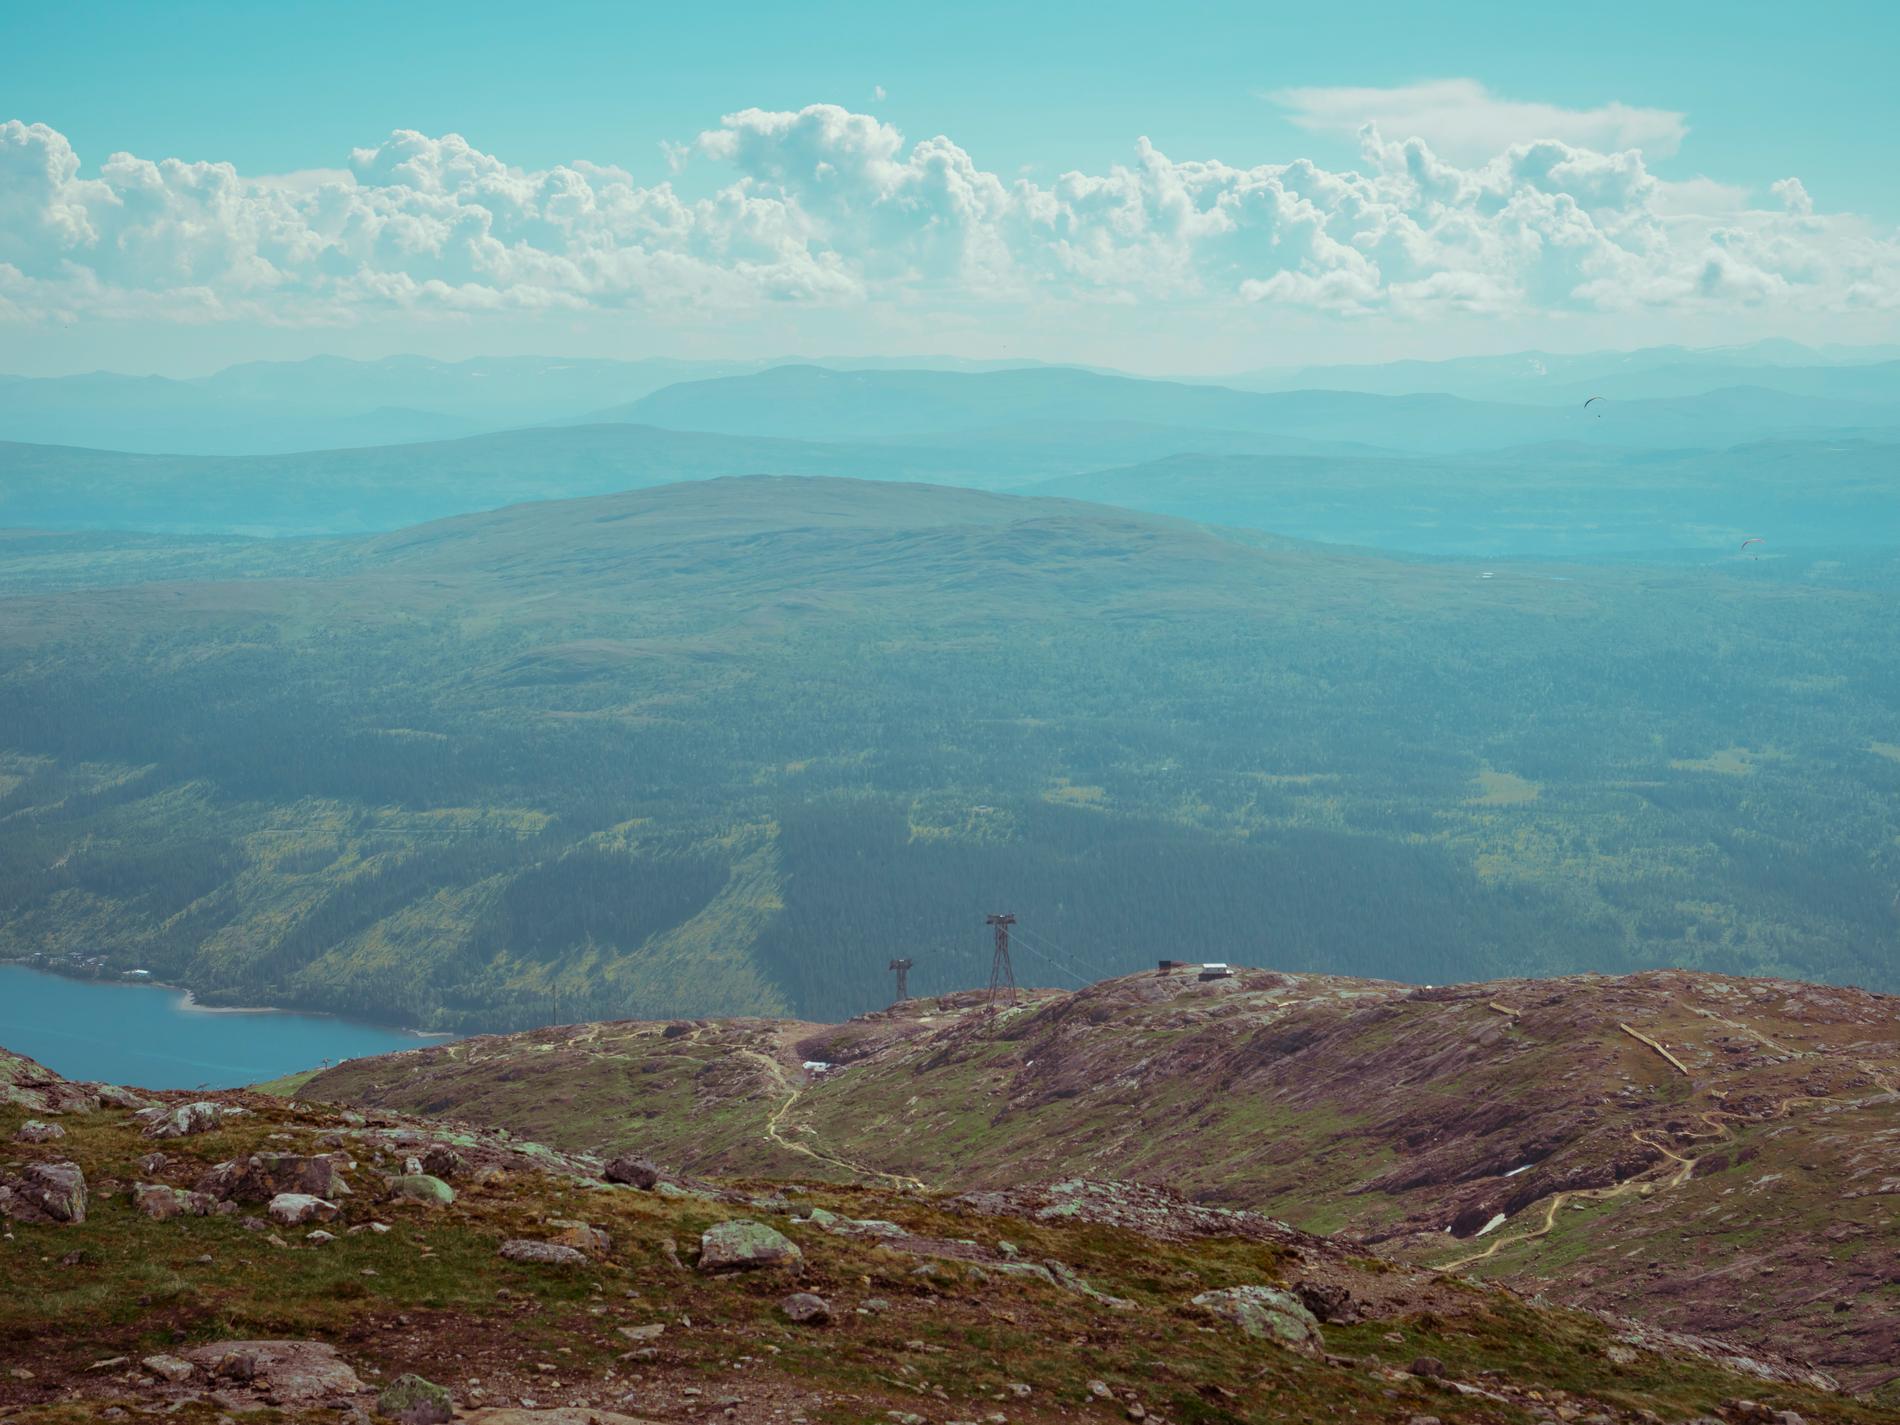 Det tar ett tag att ta sig upp till Åreskutan, men framme är utsikten milsvid.